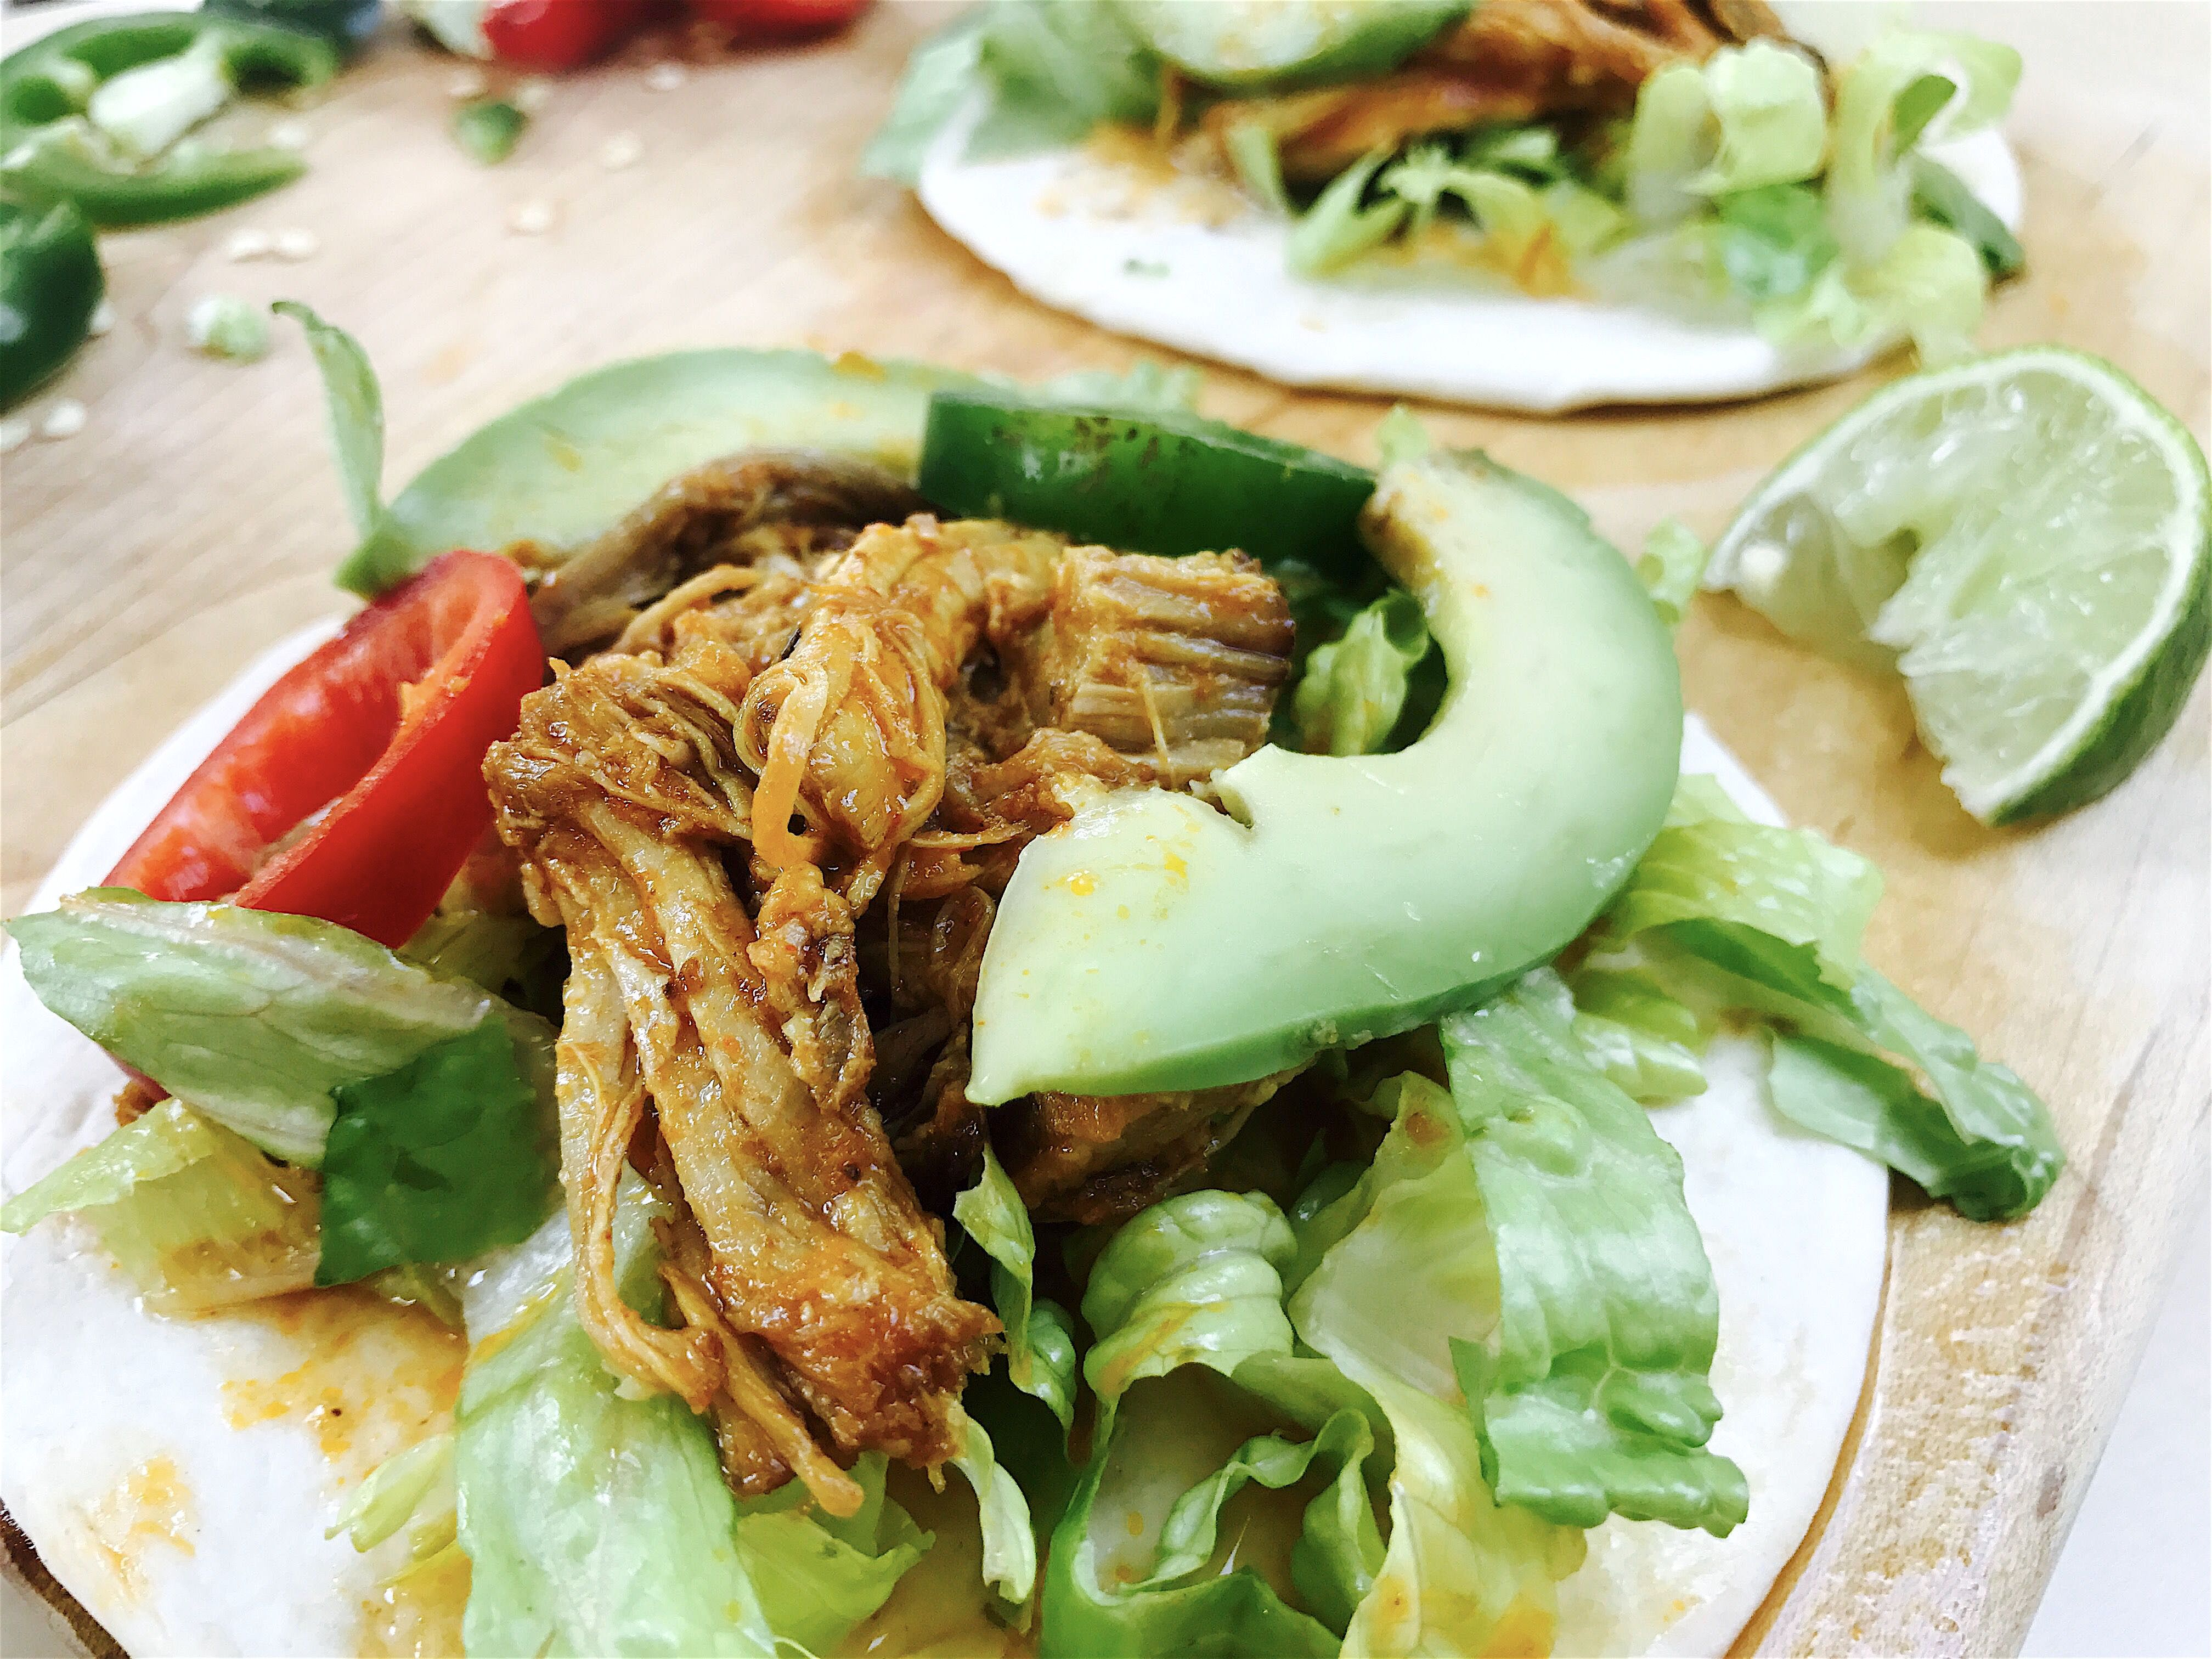 Slow Cooker Pulled Pork Street Tacos